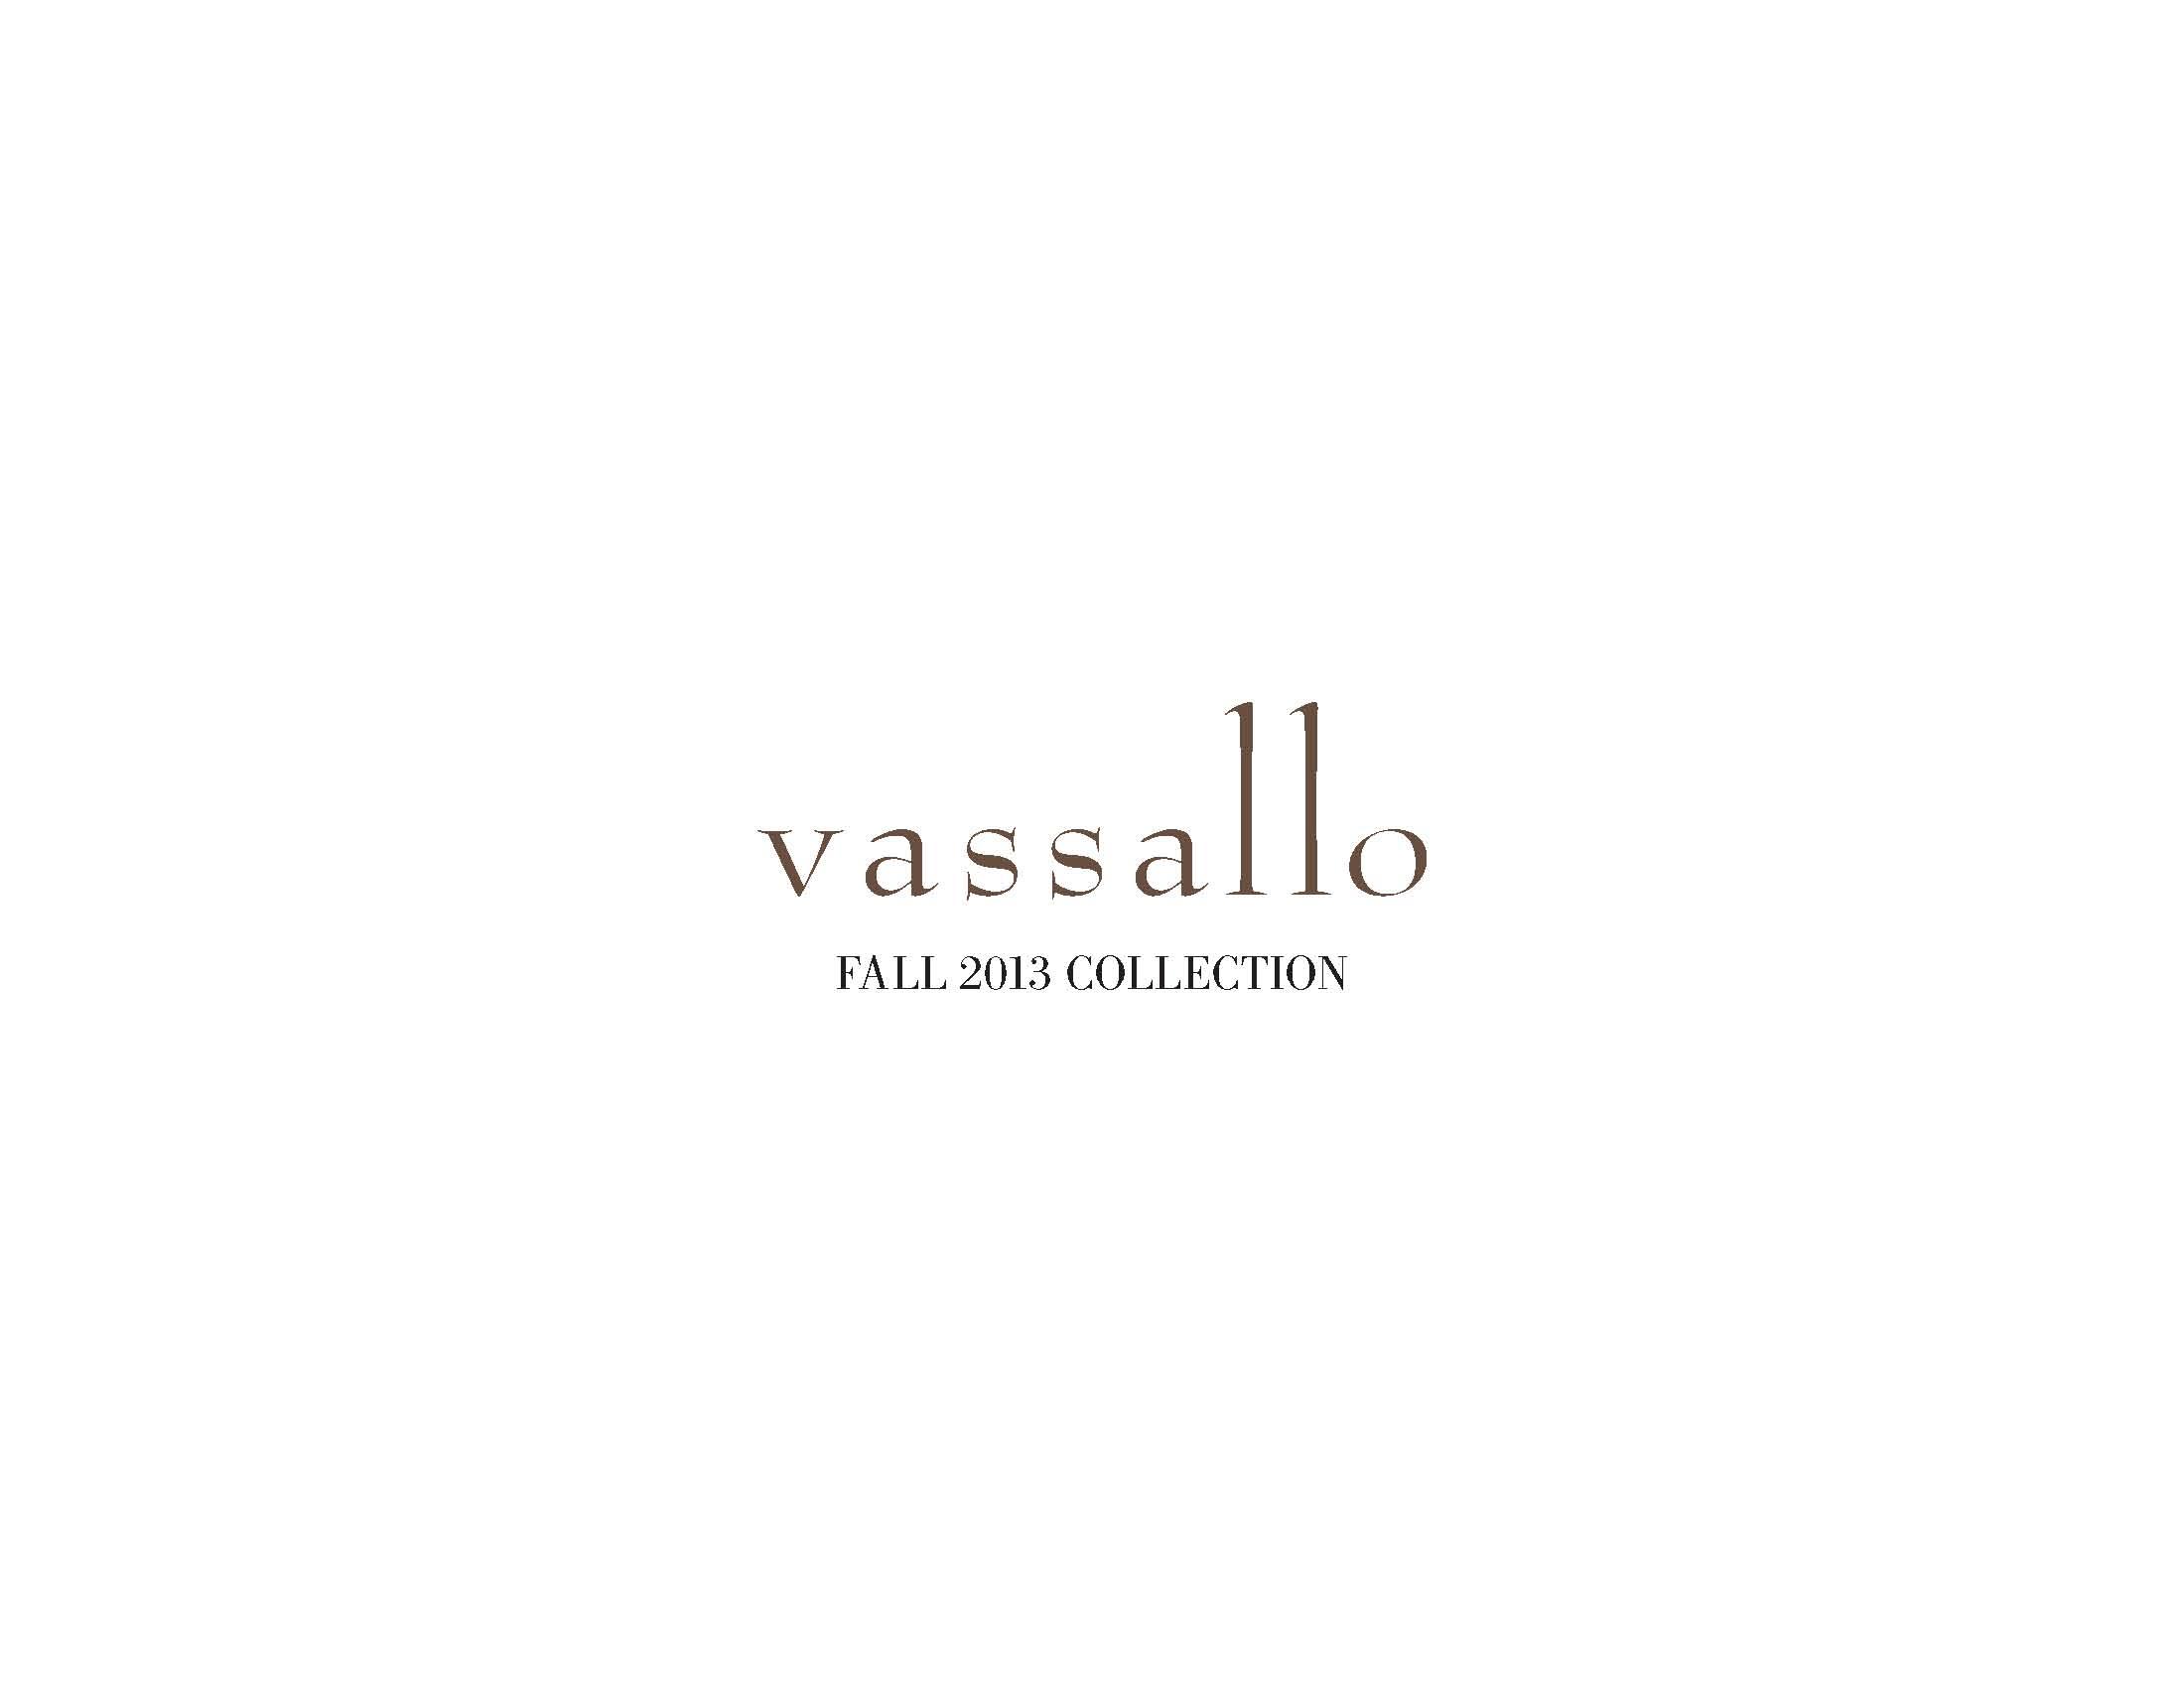 Vassallo Holiday 2013 Collection